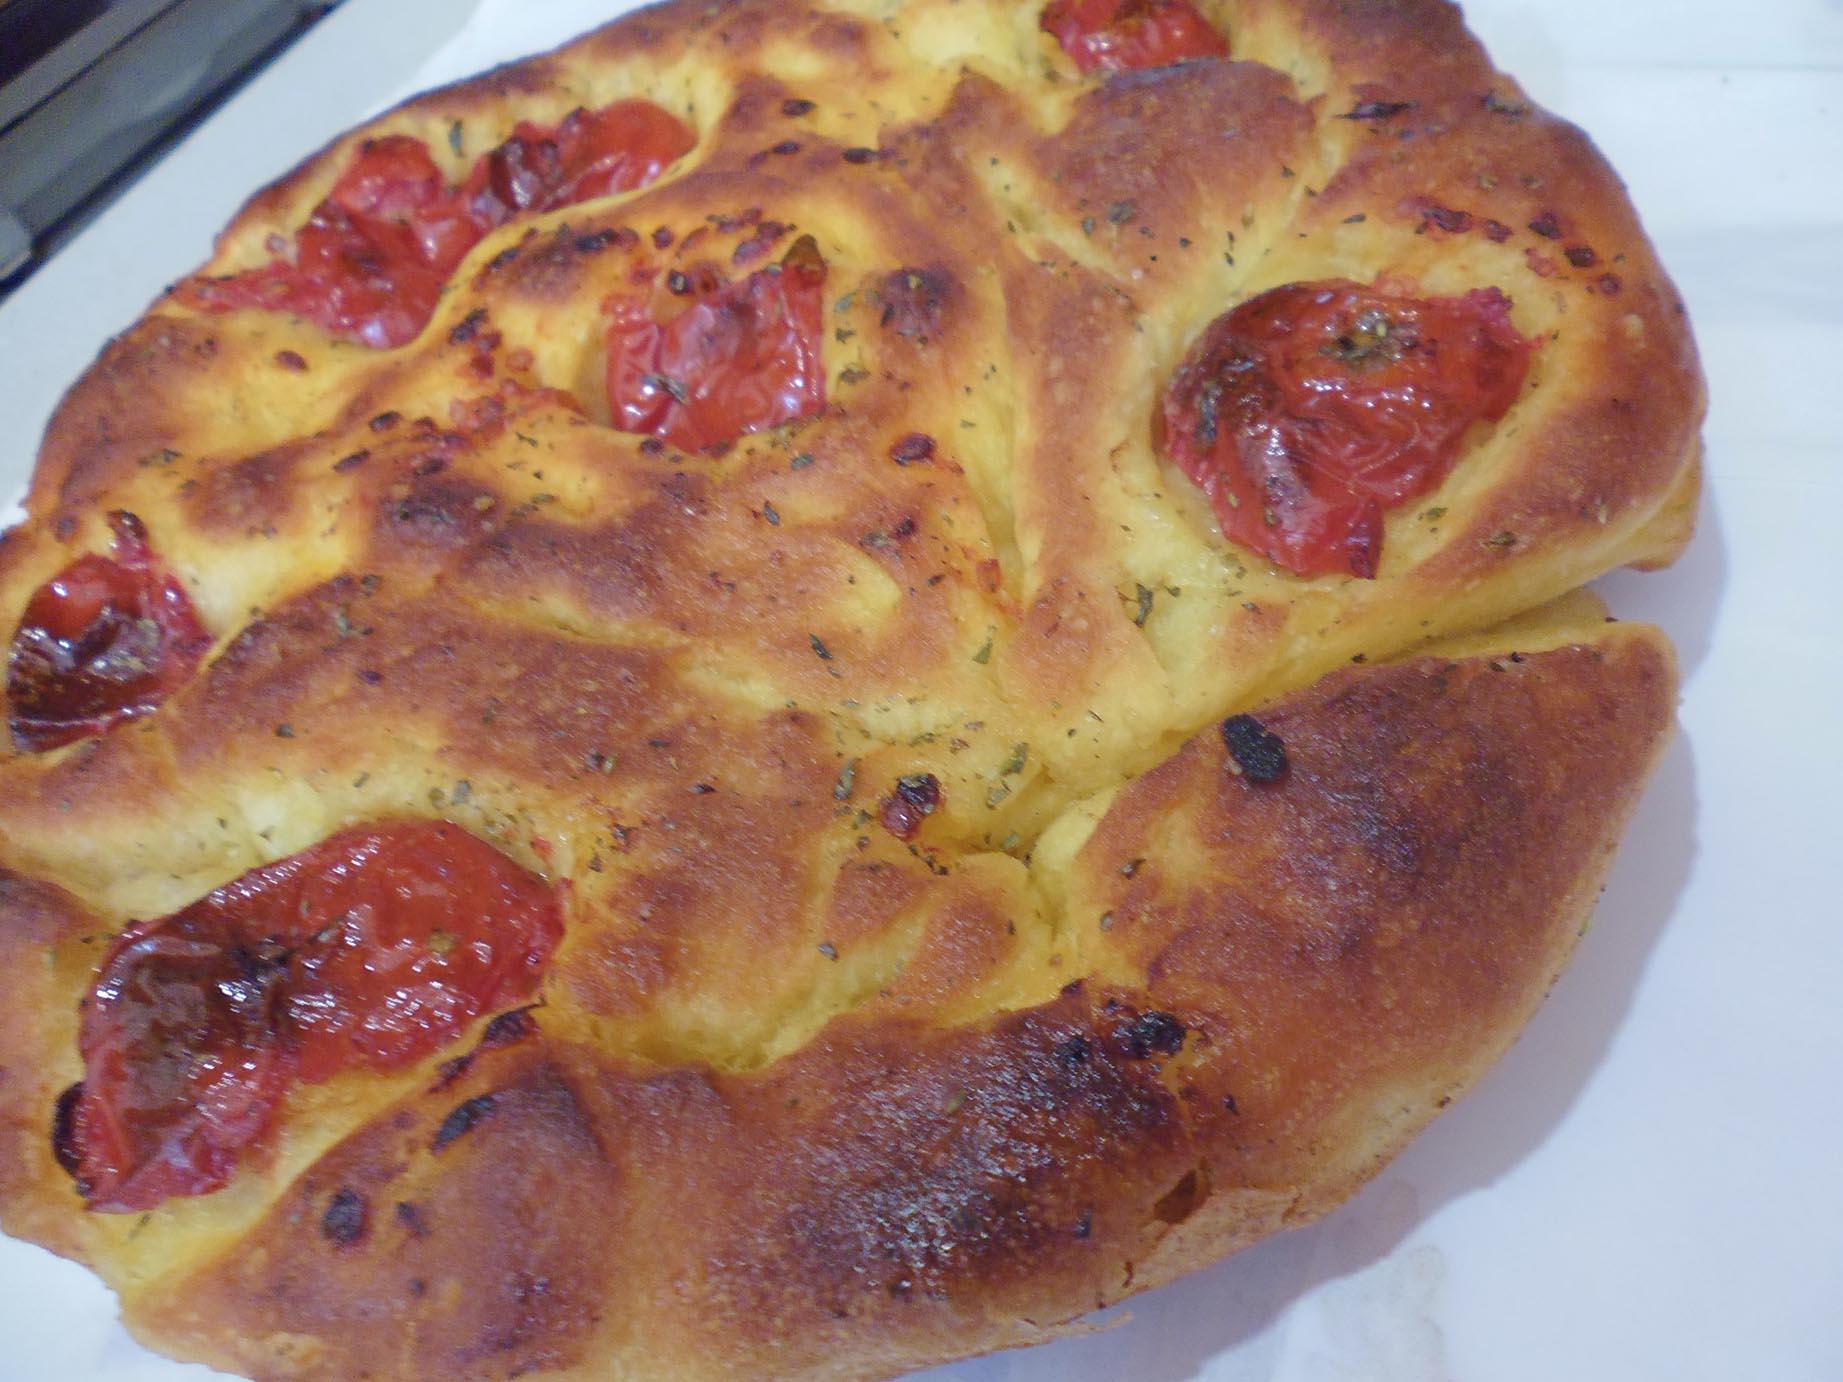 美味しいパンを探して ALTAMURAの街へーープーリア旅行記2014_c0179785_058130.jpg